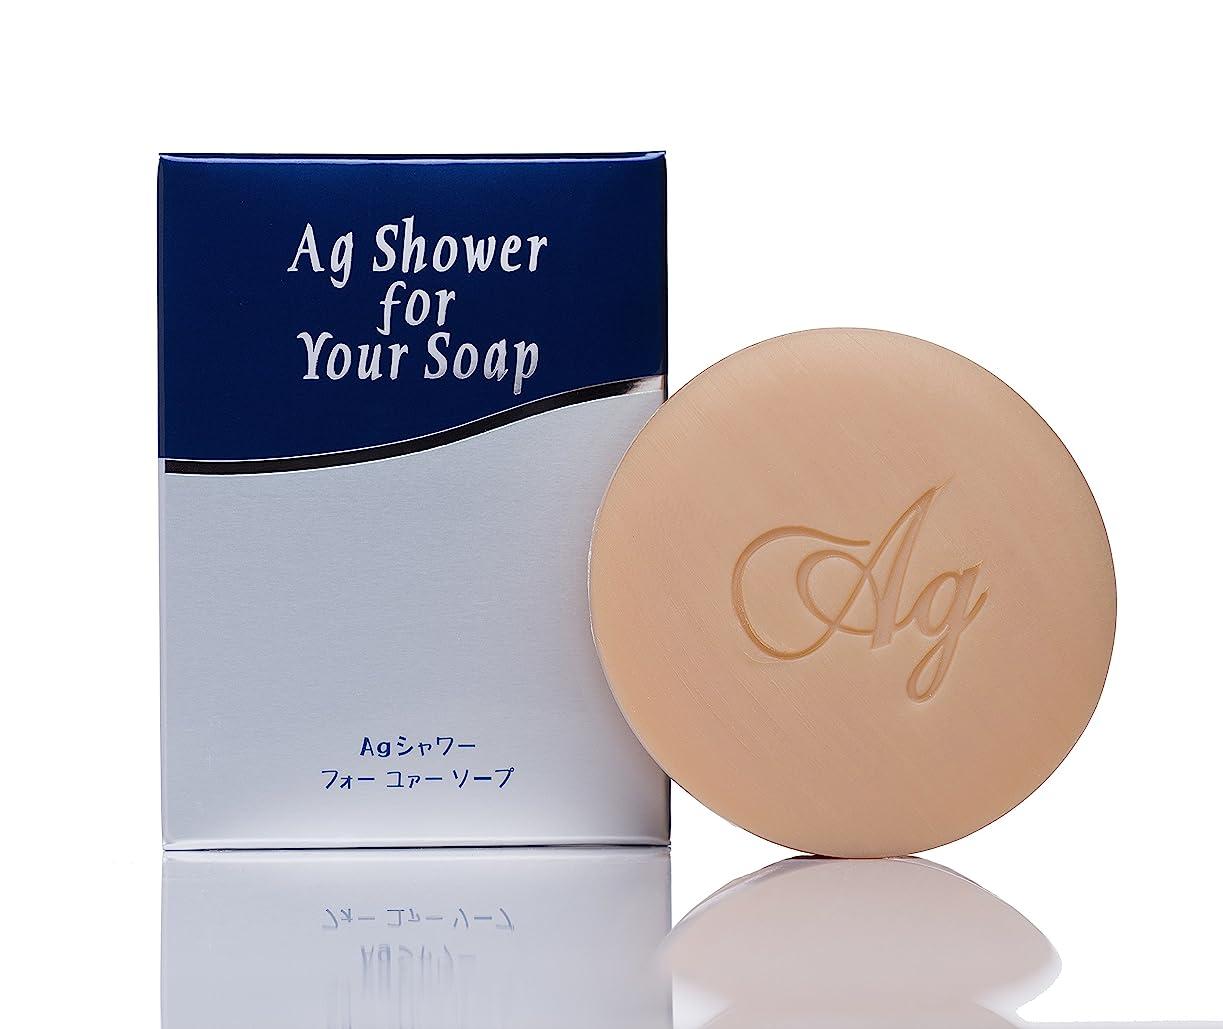 置き場色インシュレータスキンケアー石鹸 Agシャワーフォーユァーソープ 消臭?抗菌 100g